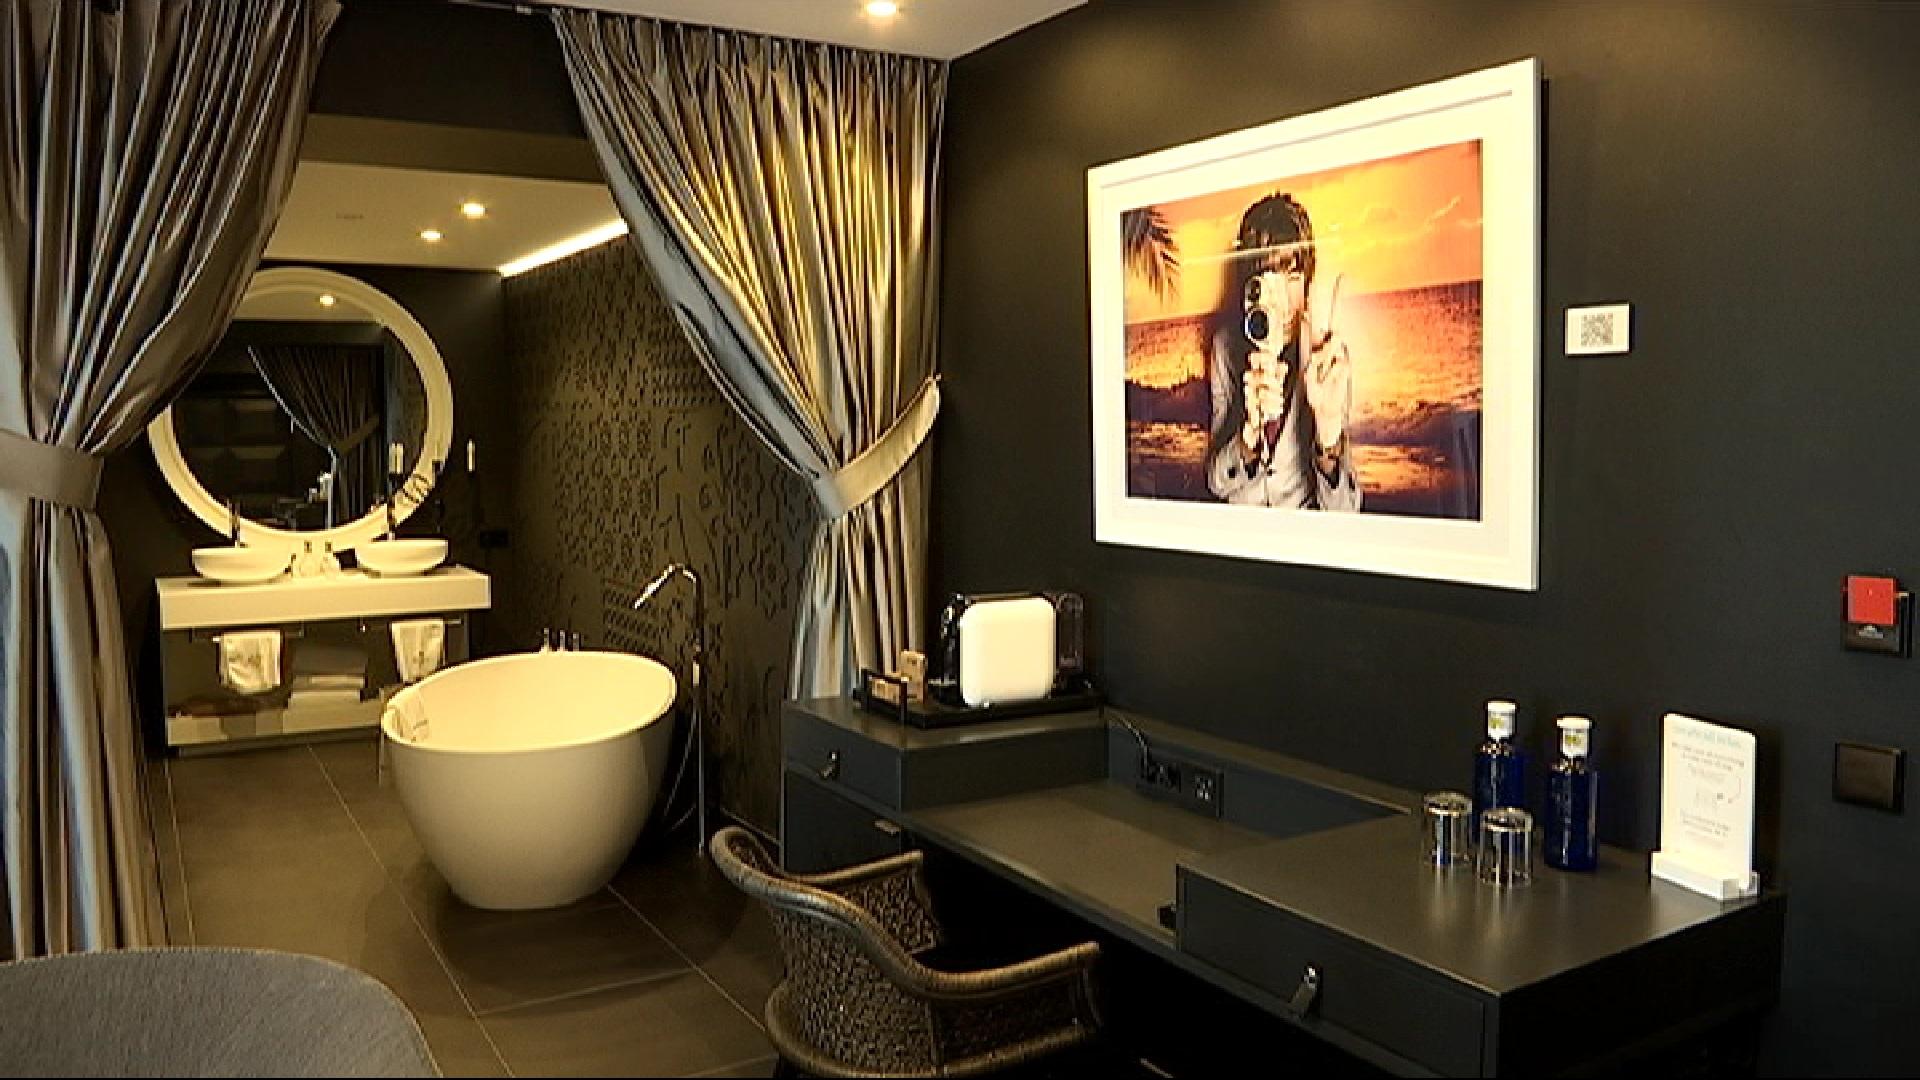 Art+urb%C3%A0+a+un+hotel+5+estrelles